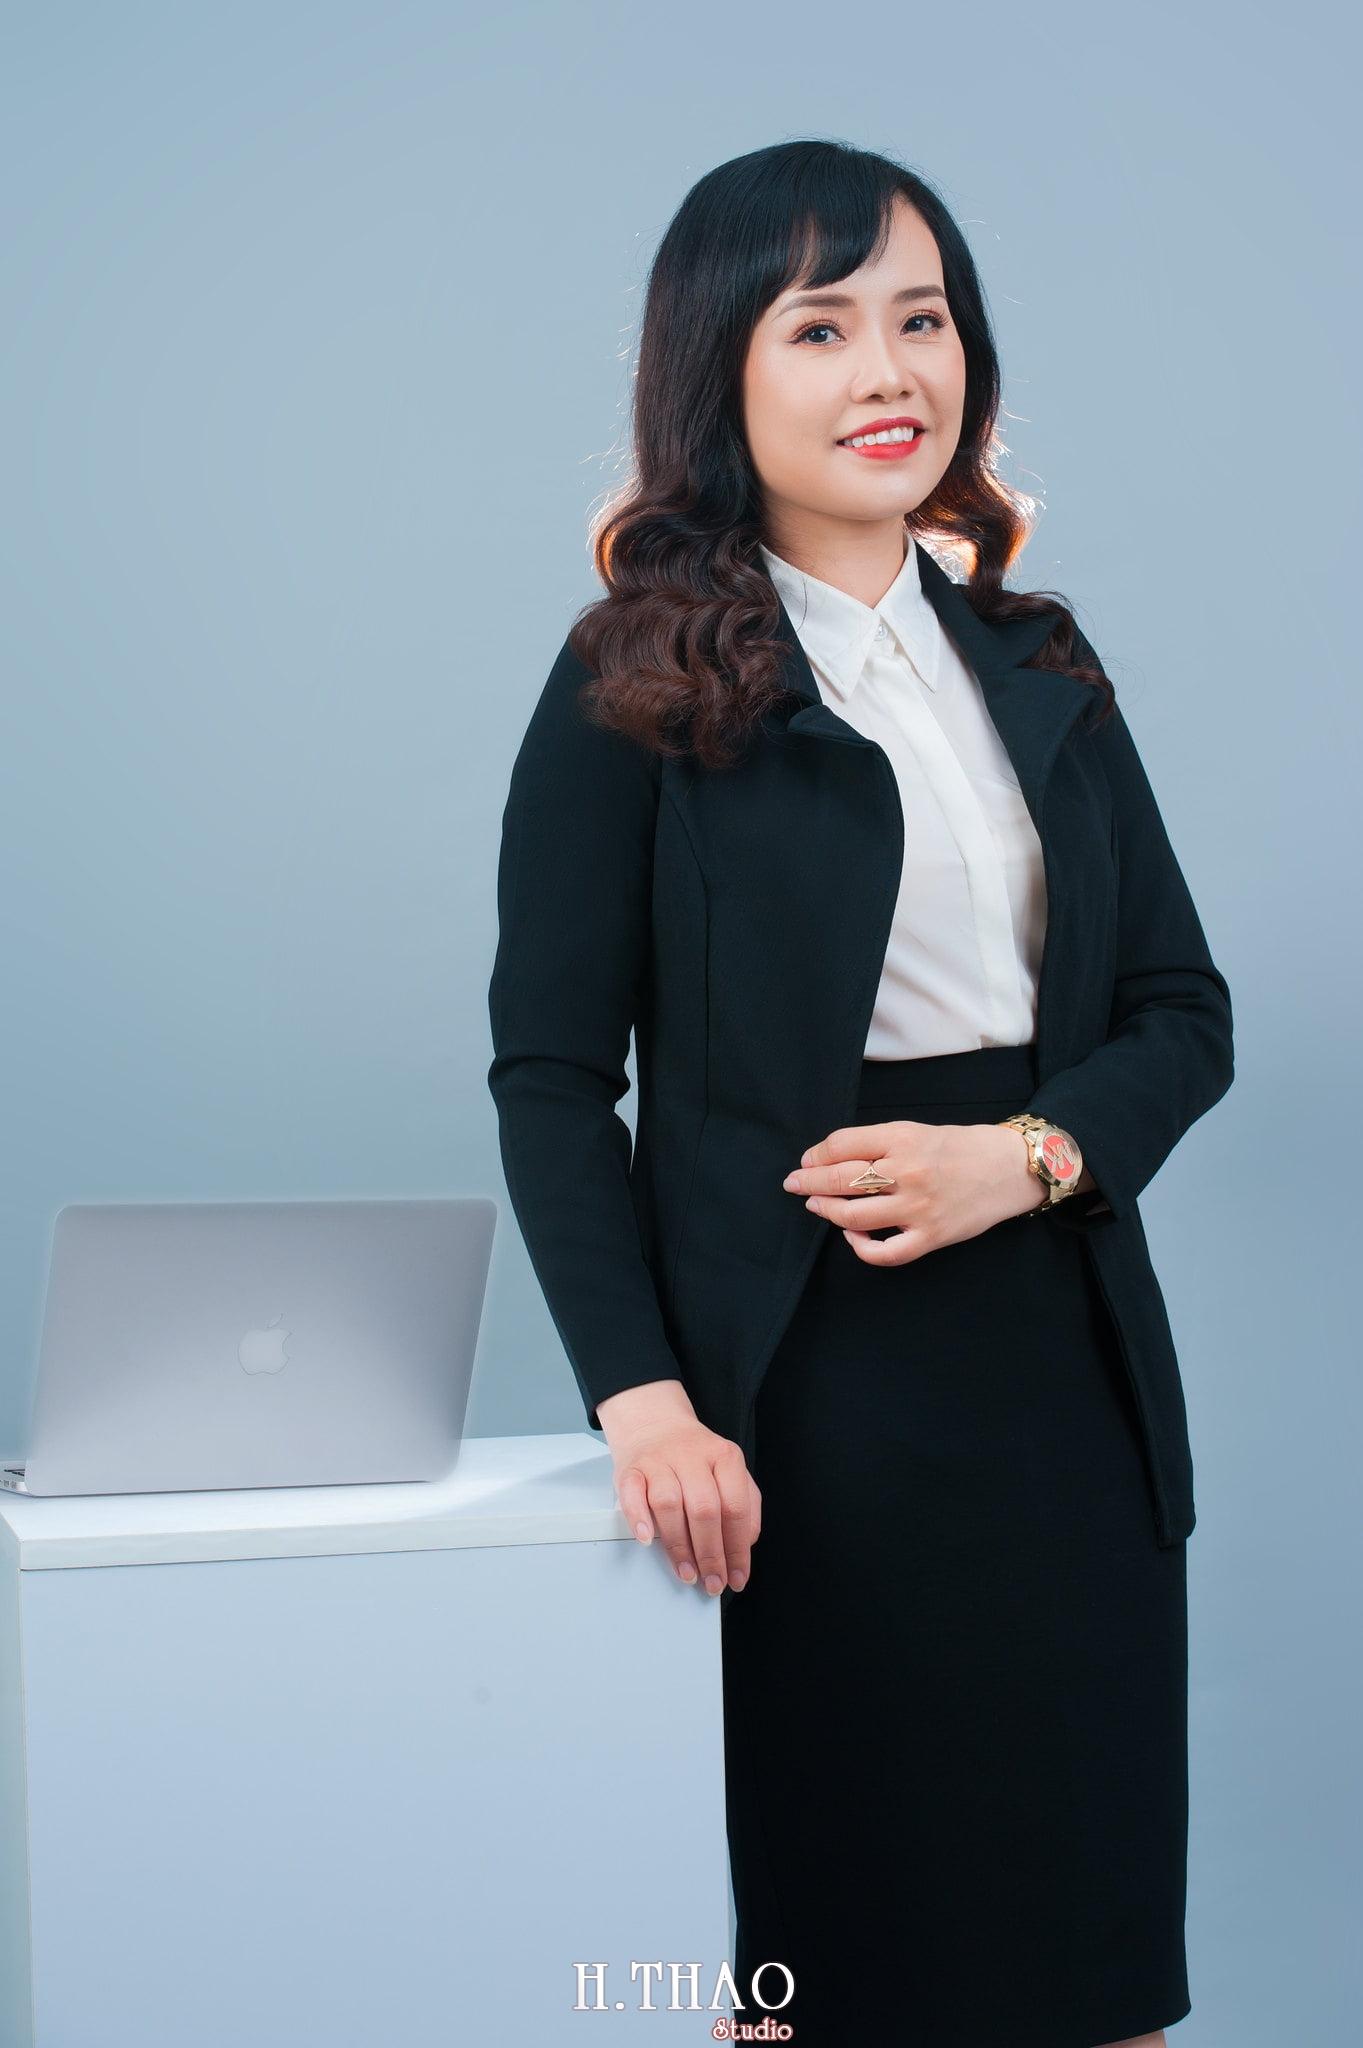 Thu Trang 1 - Chụp ảnh nữ doanh nhân Thu Trang tại HThao Studio – Tp.HCM